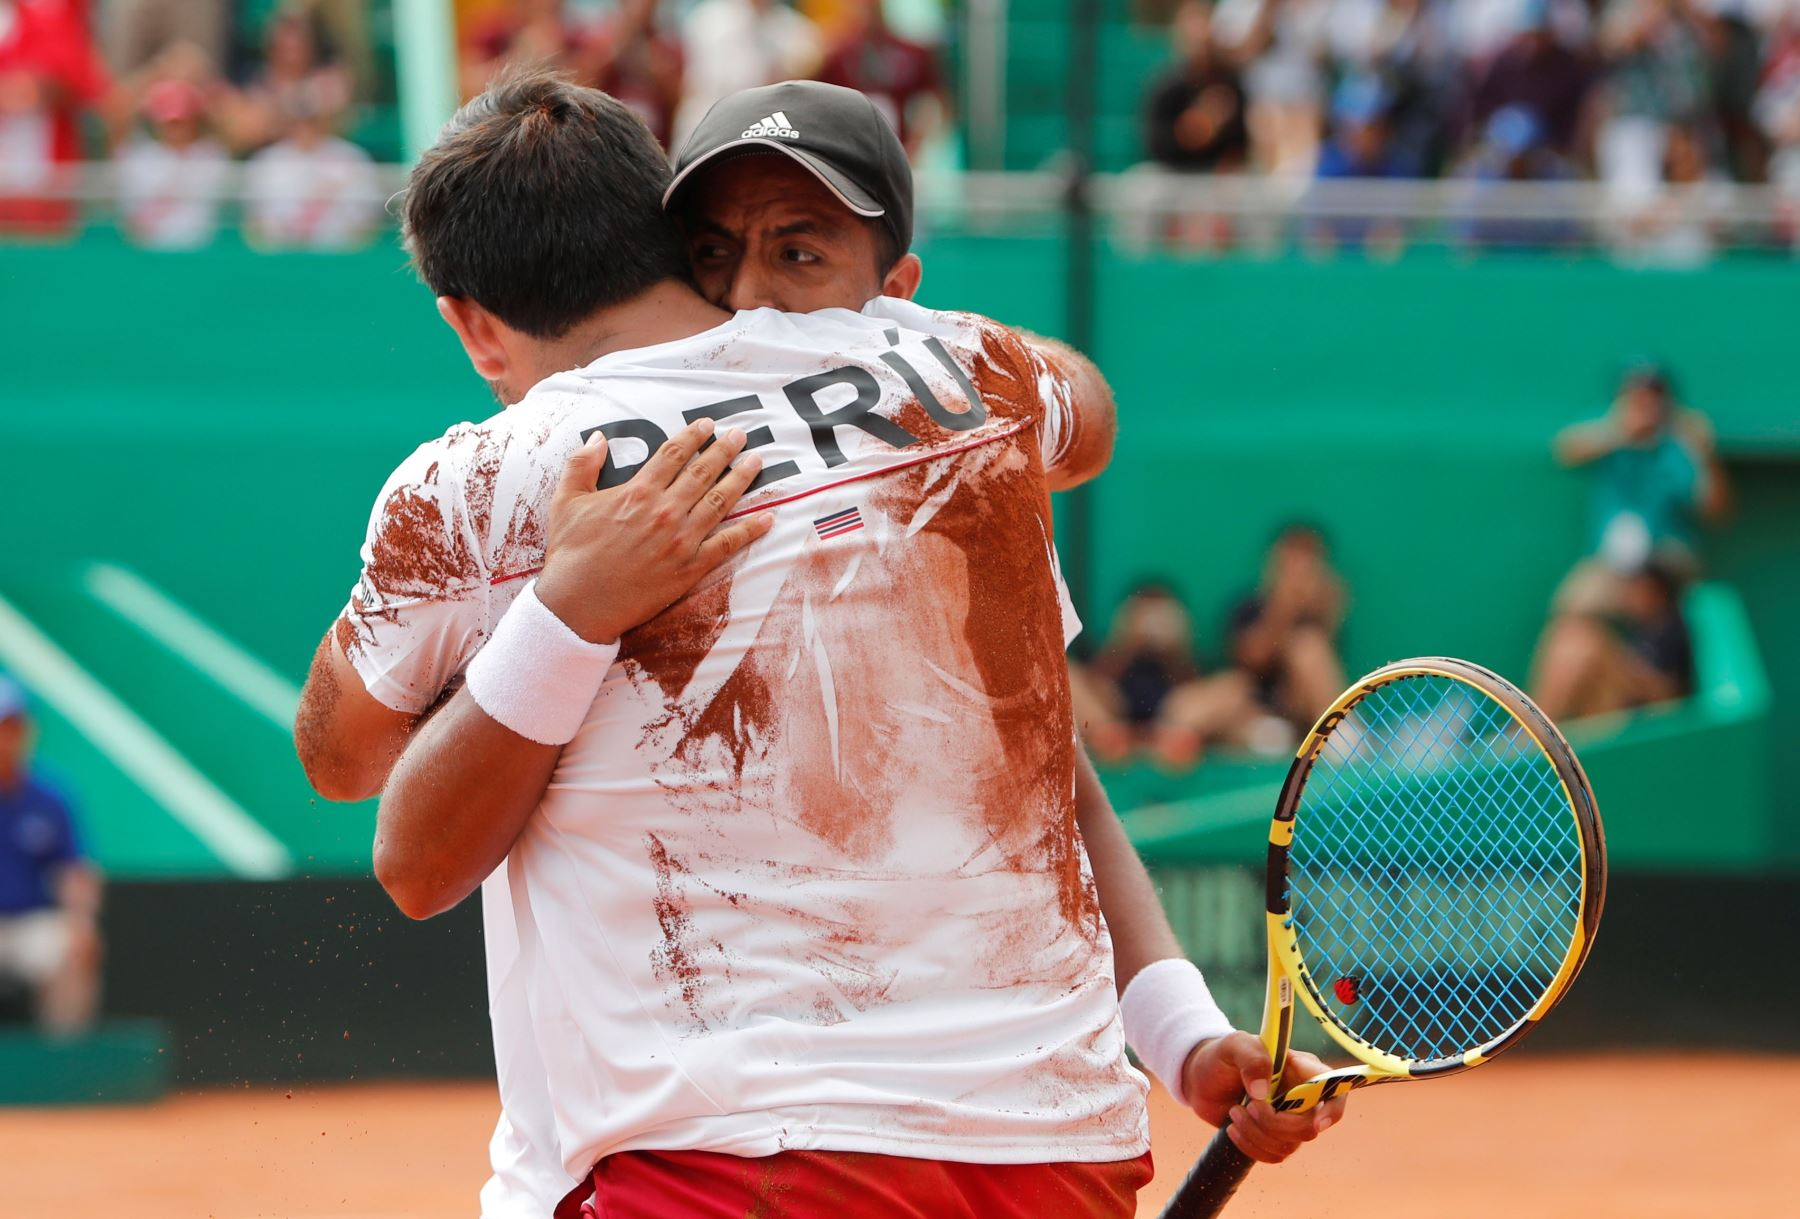 La selección peruana buscará conseguir el triunfo en este partido de la Copa Davis. Foto: EFE